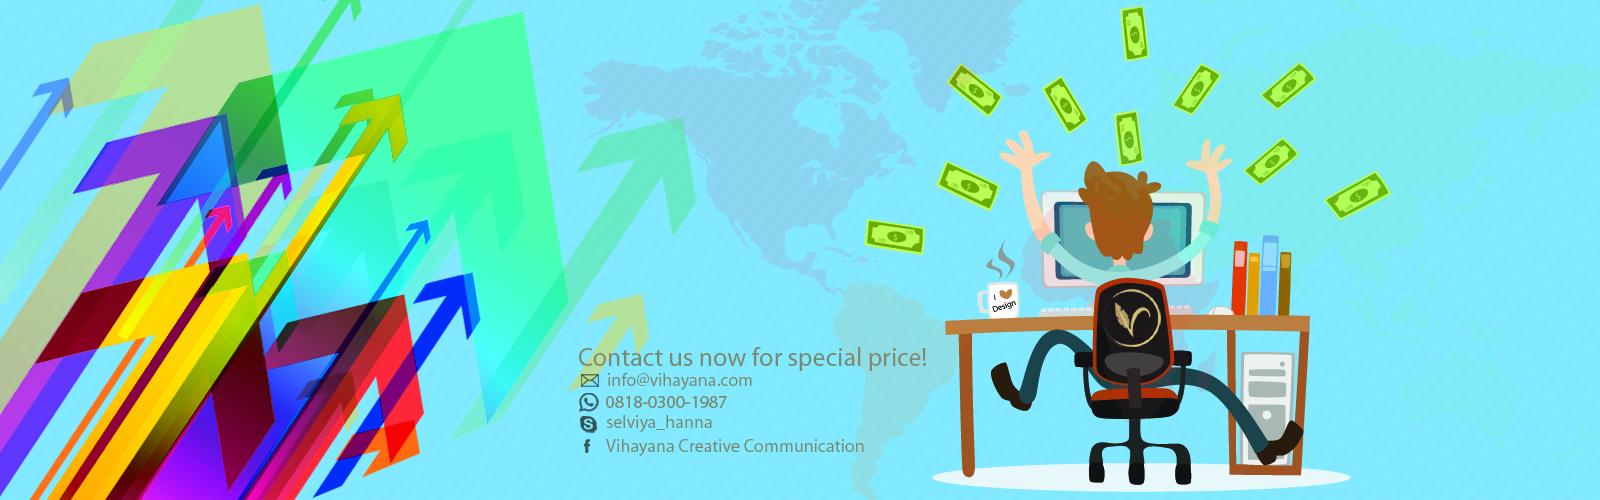 vihayana web banner#5